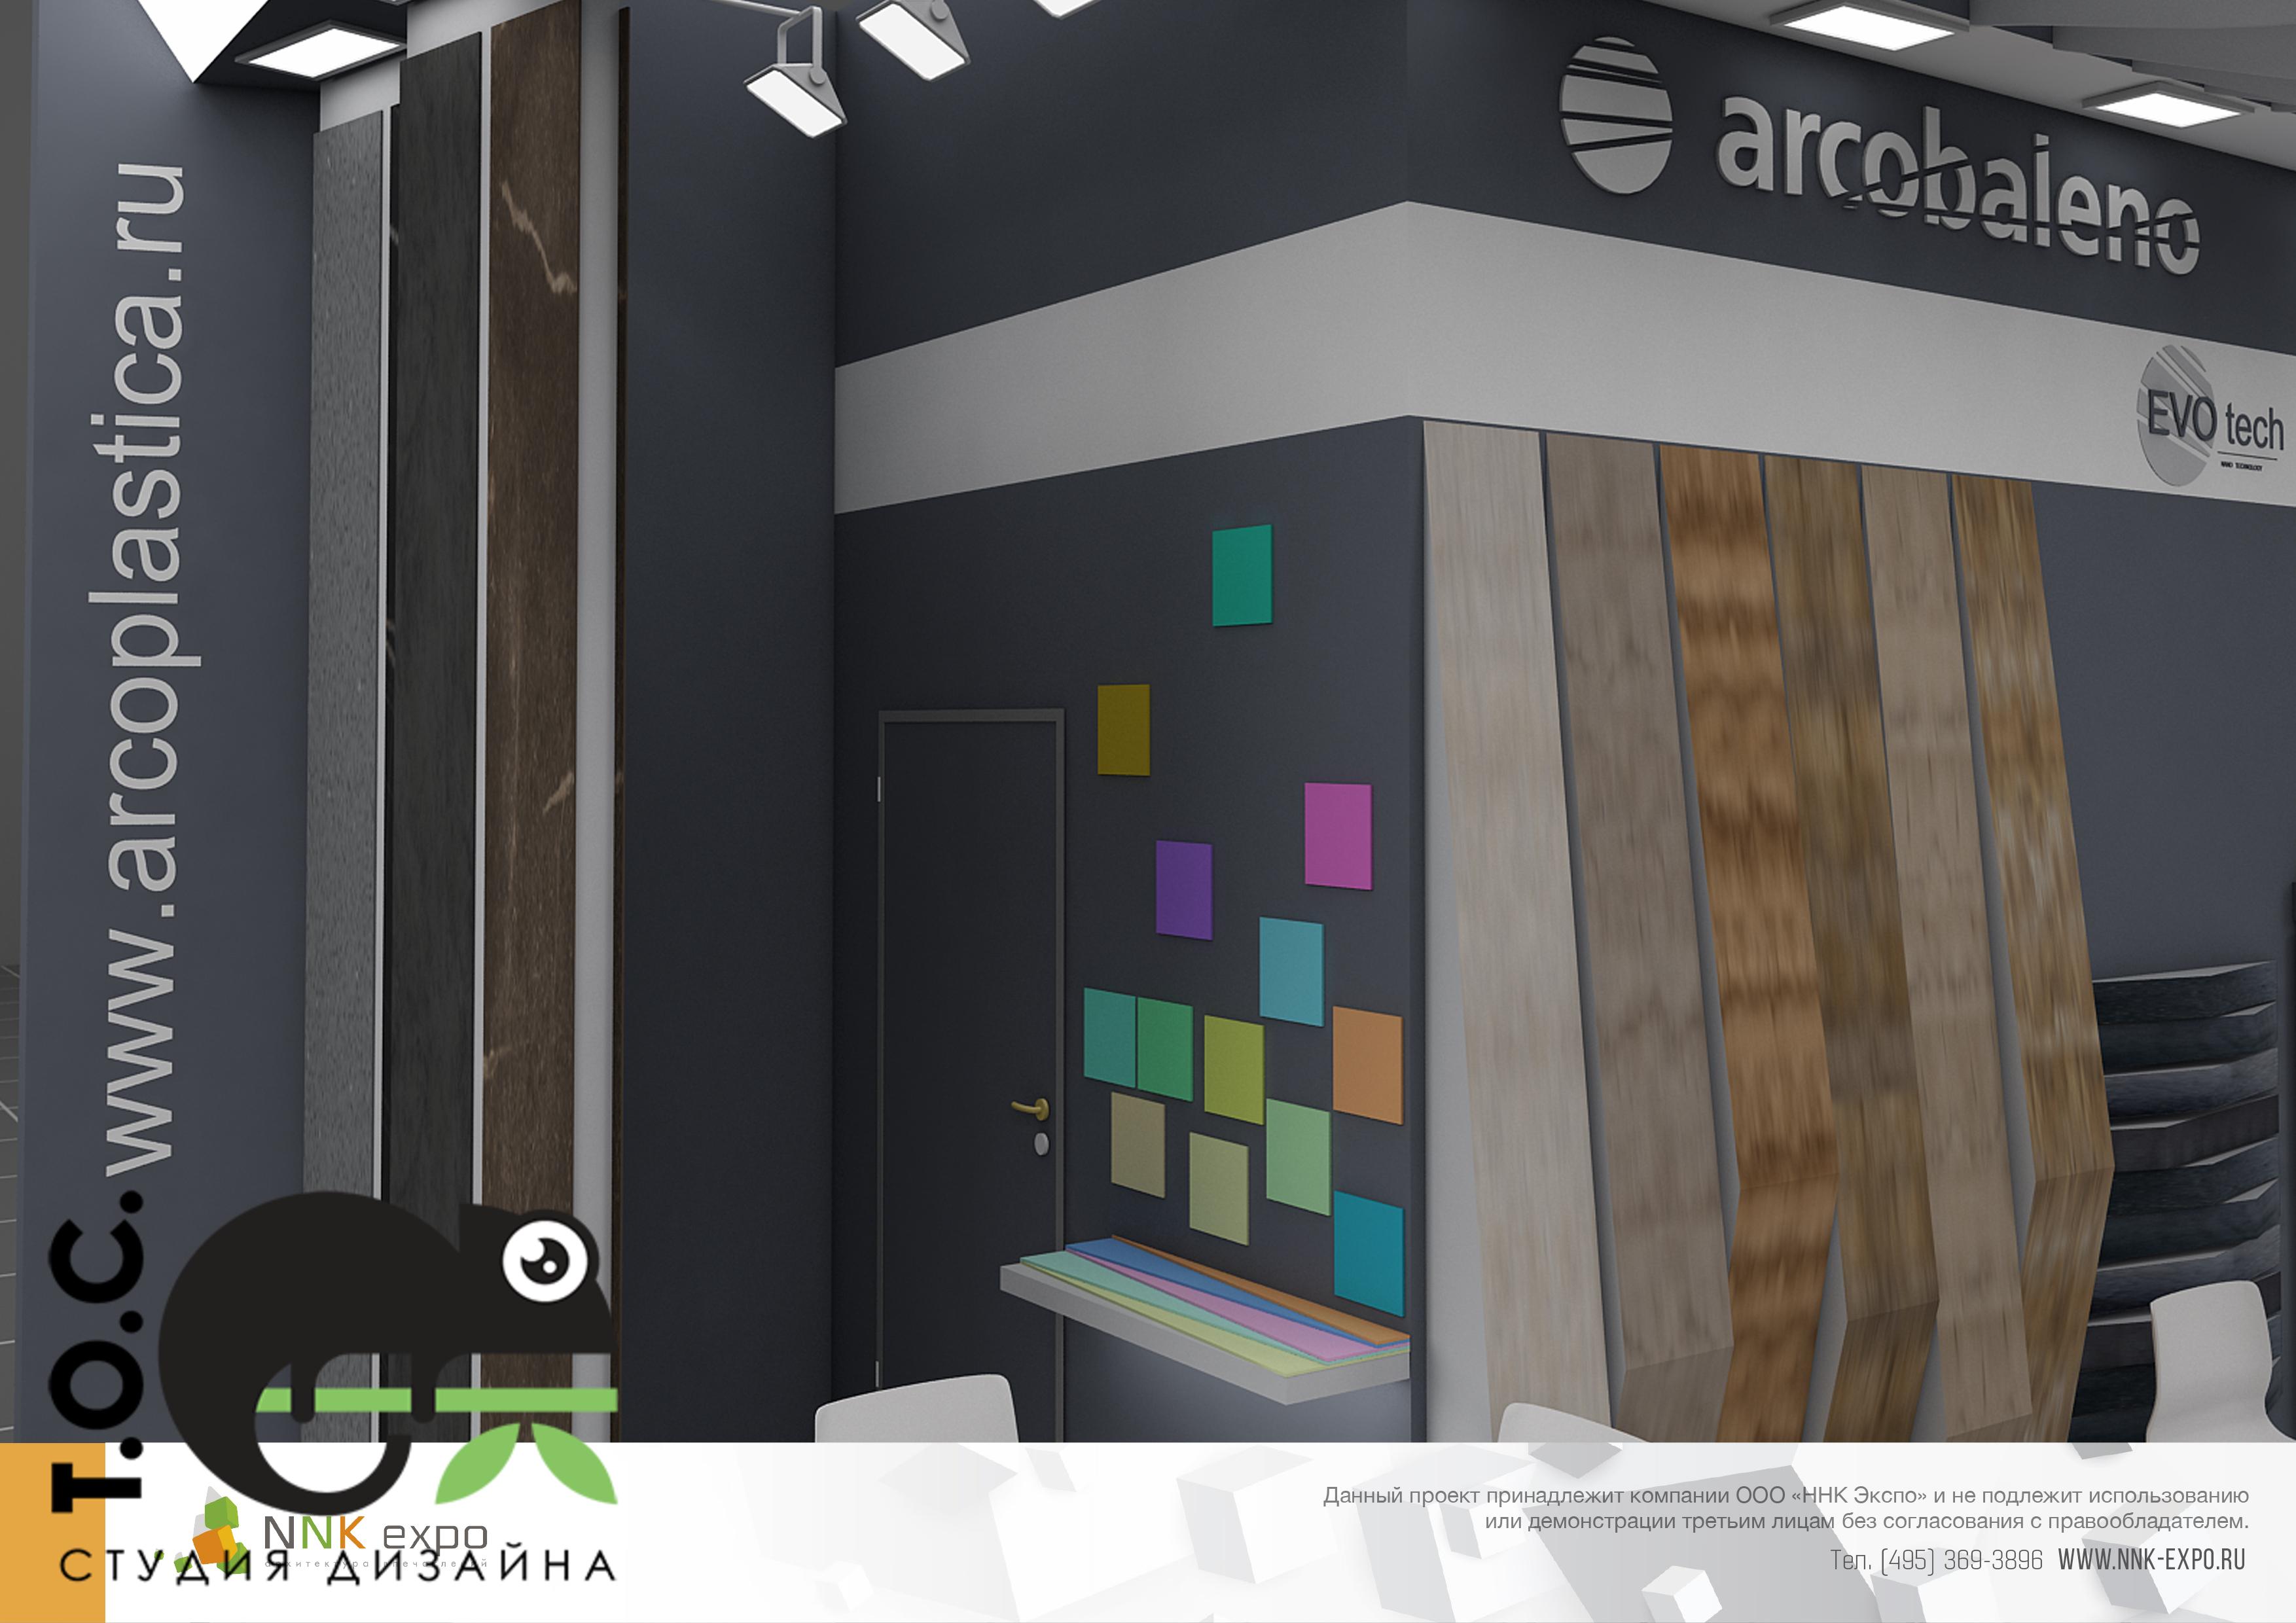 Дизайн проект выставочного стенда Arcobaleno.